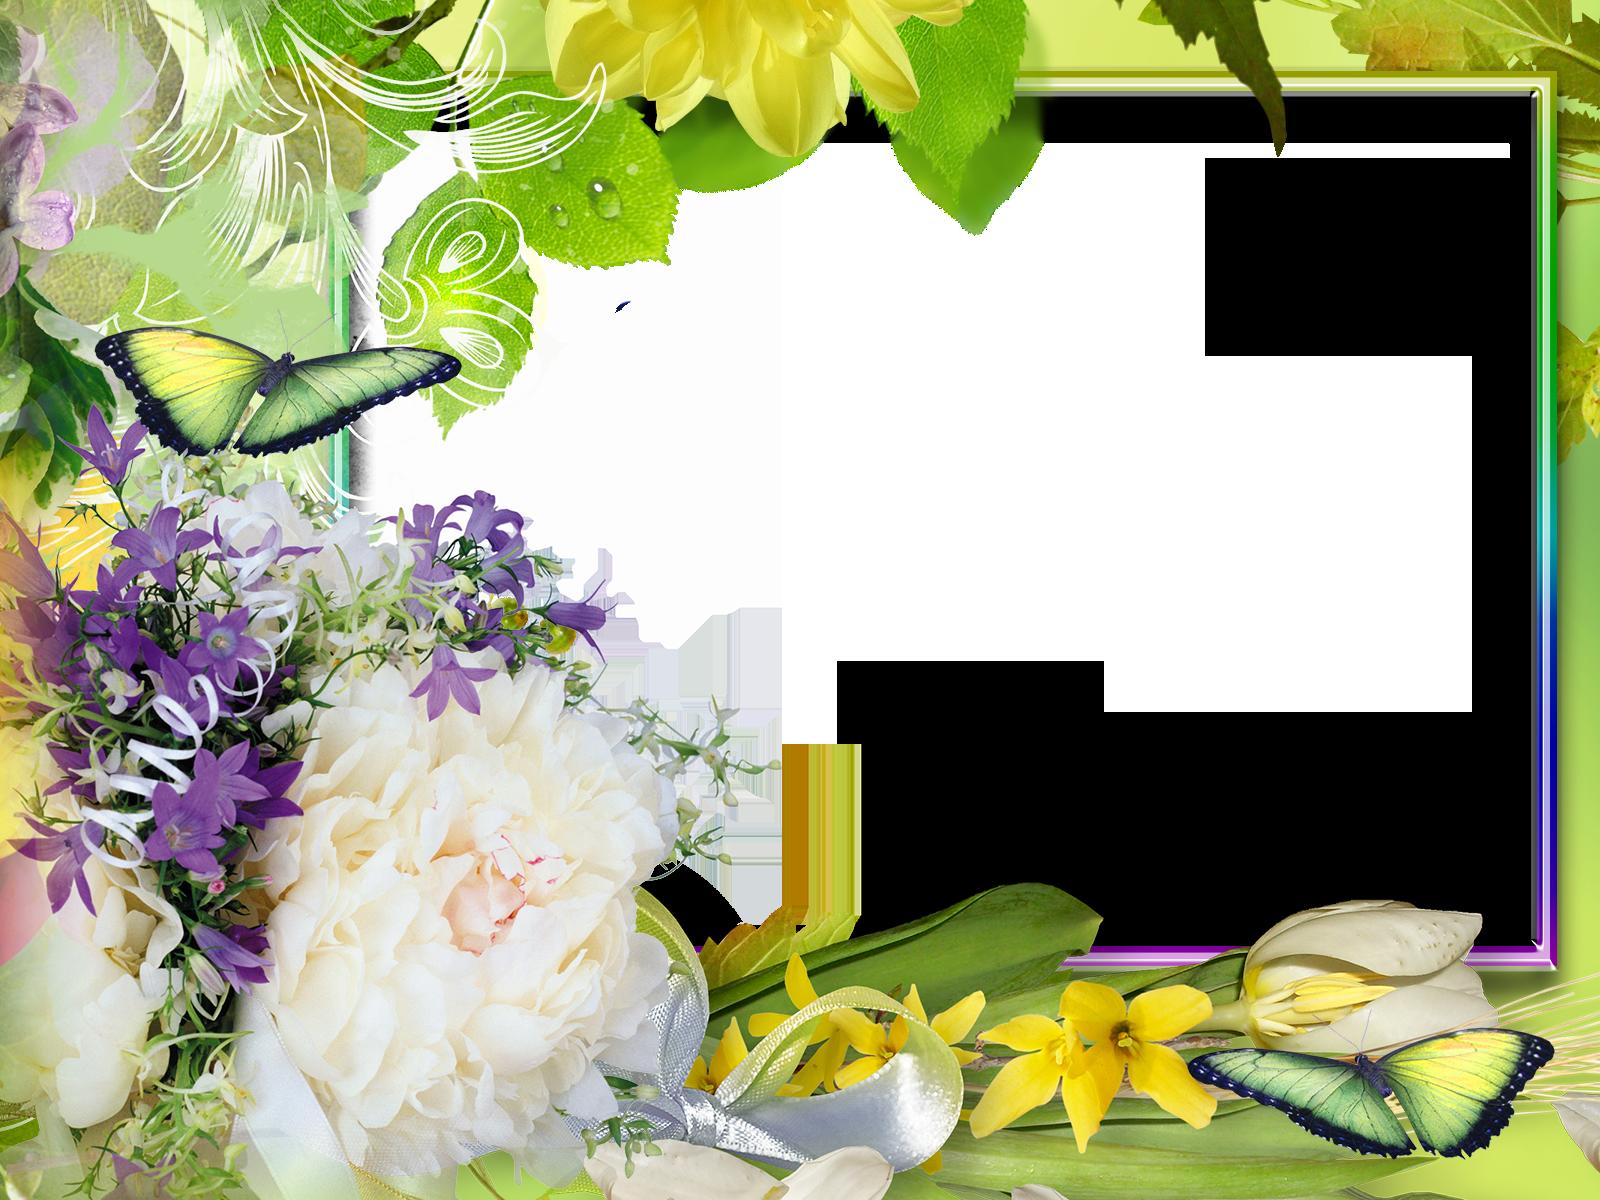 Фотошаблон рамочки на траве черный, сделать